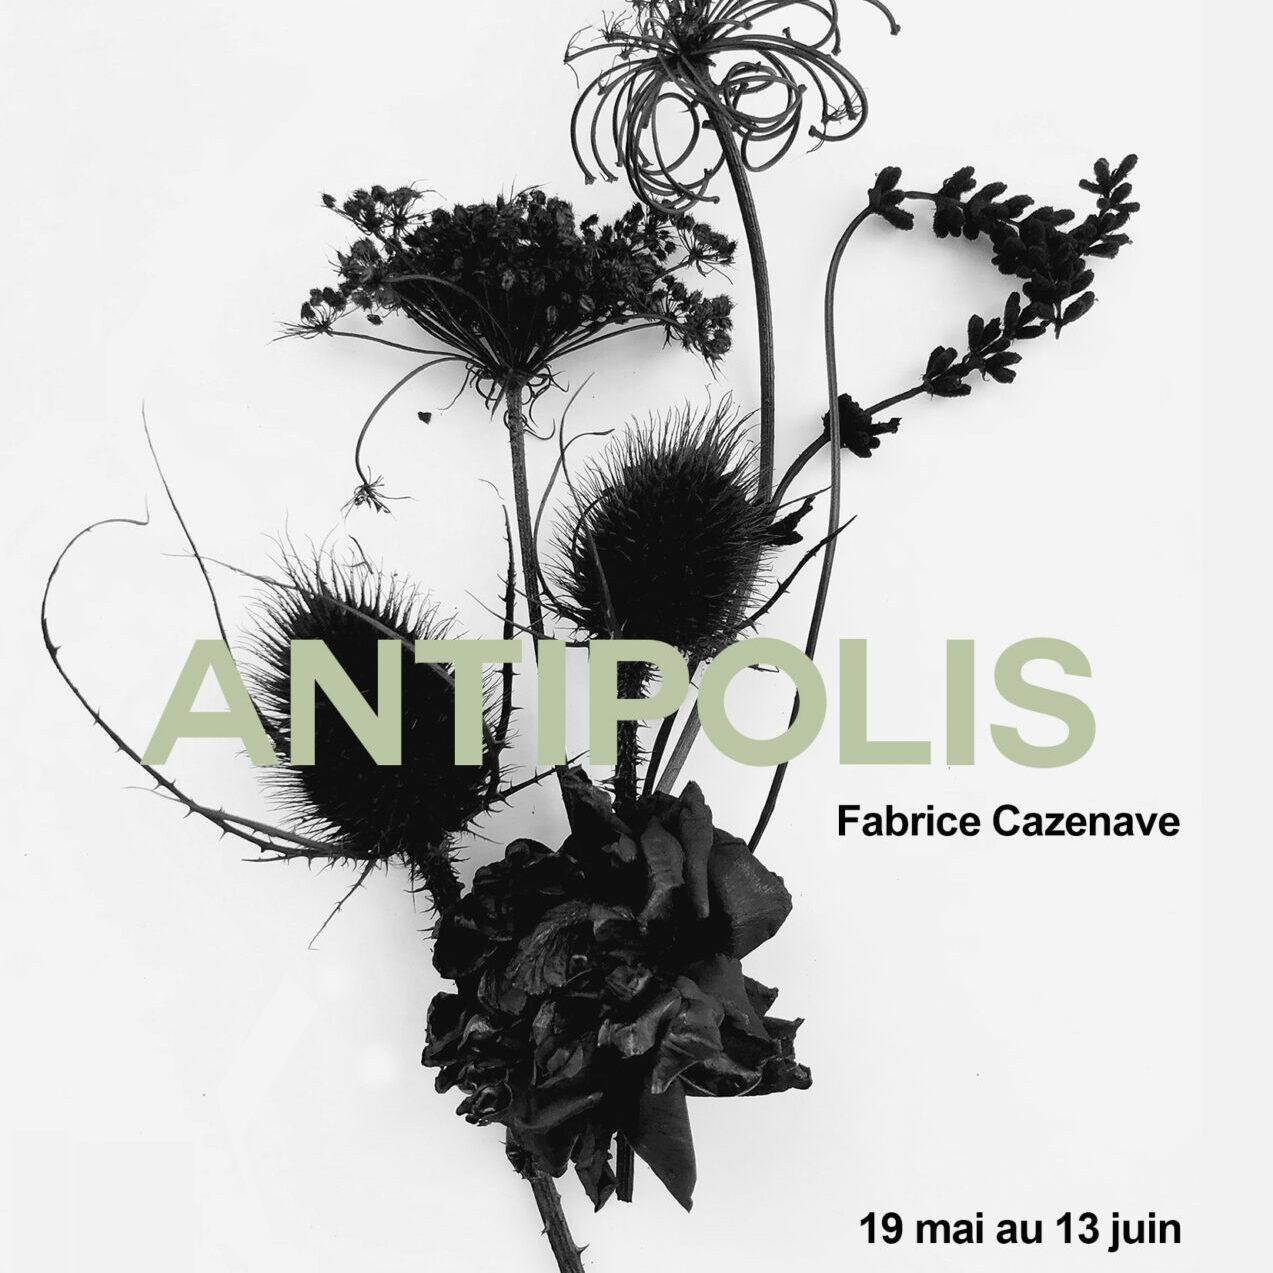 Antipolis, Fabrice Cazenave, Couverture du communiqué de presse